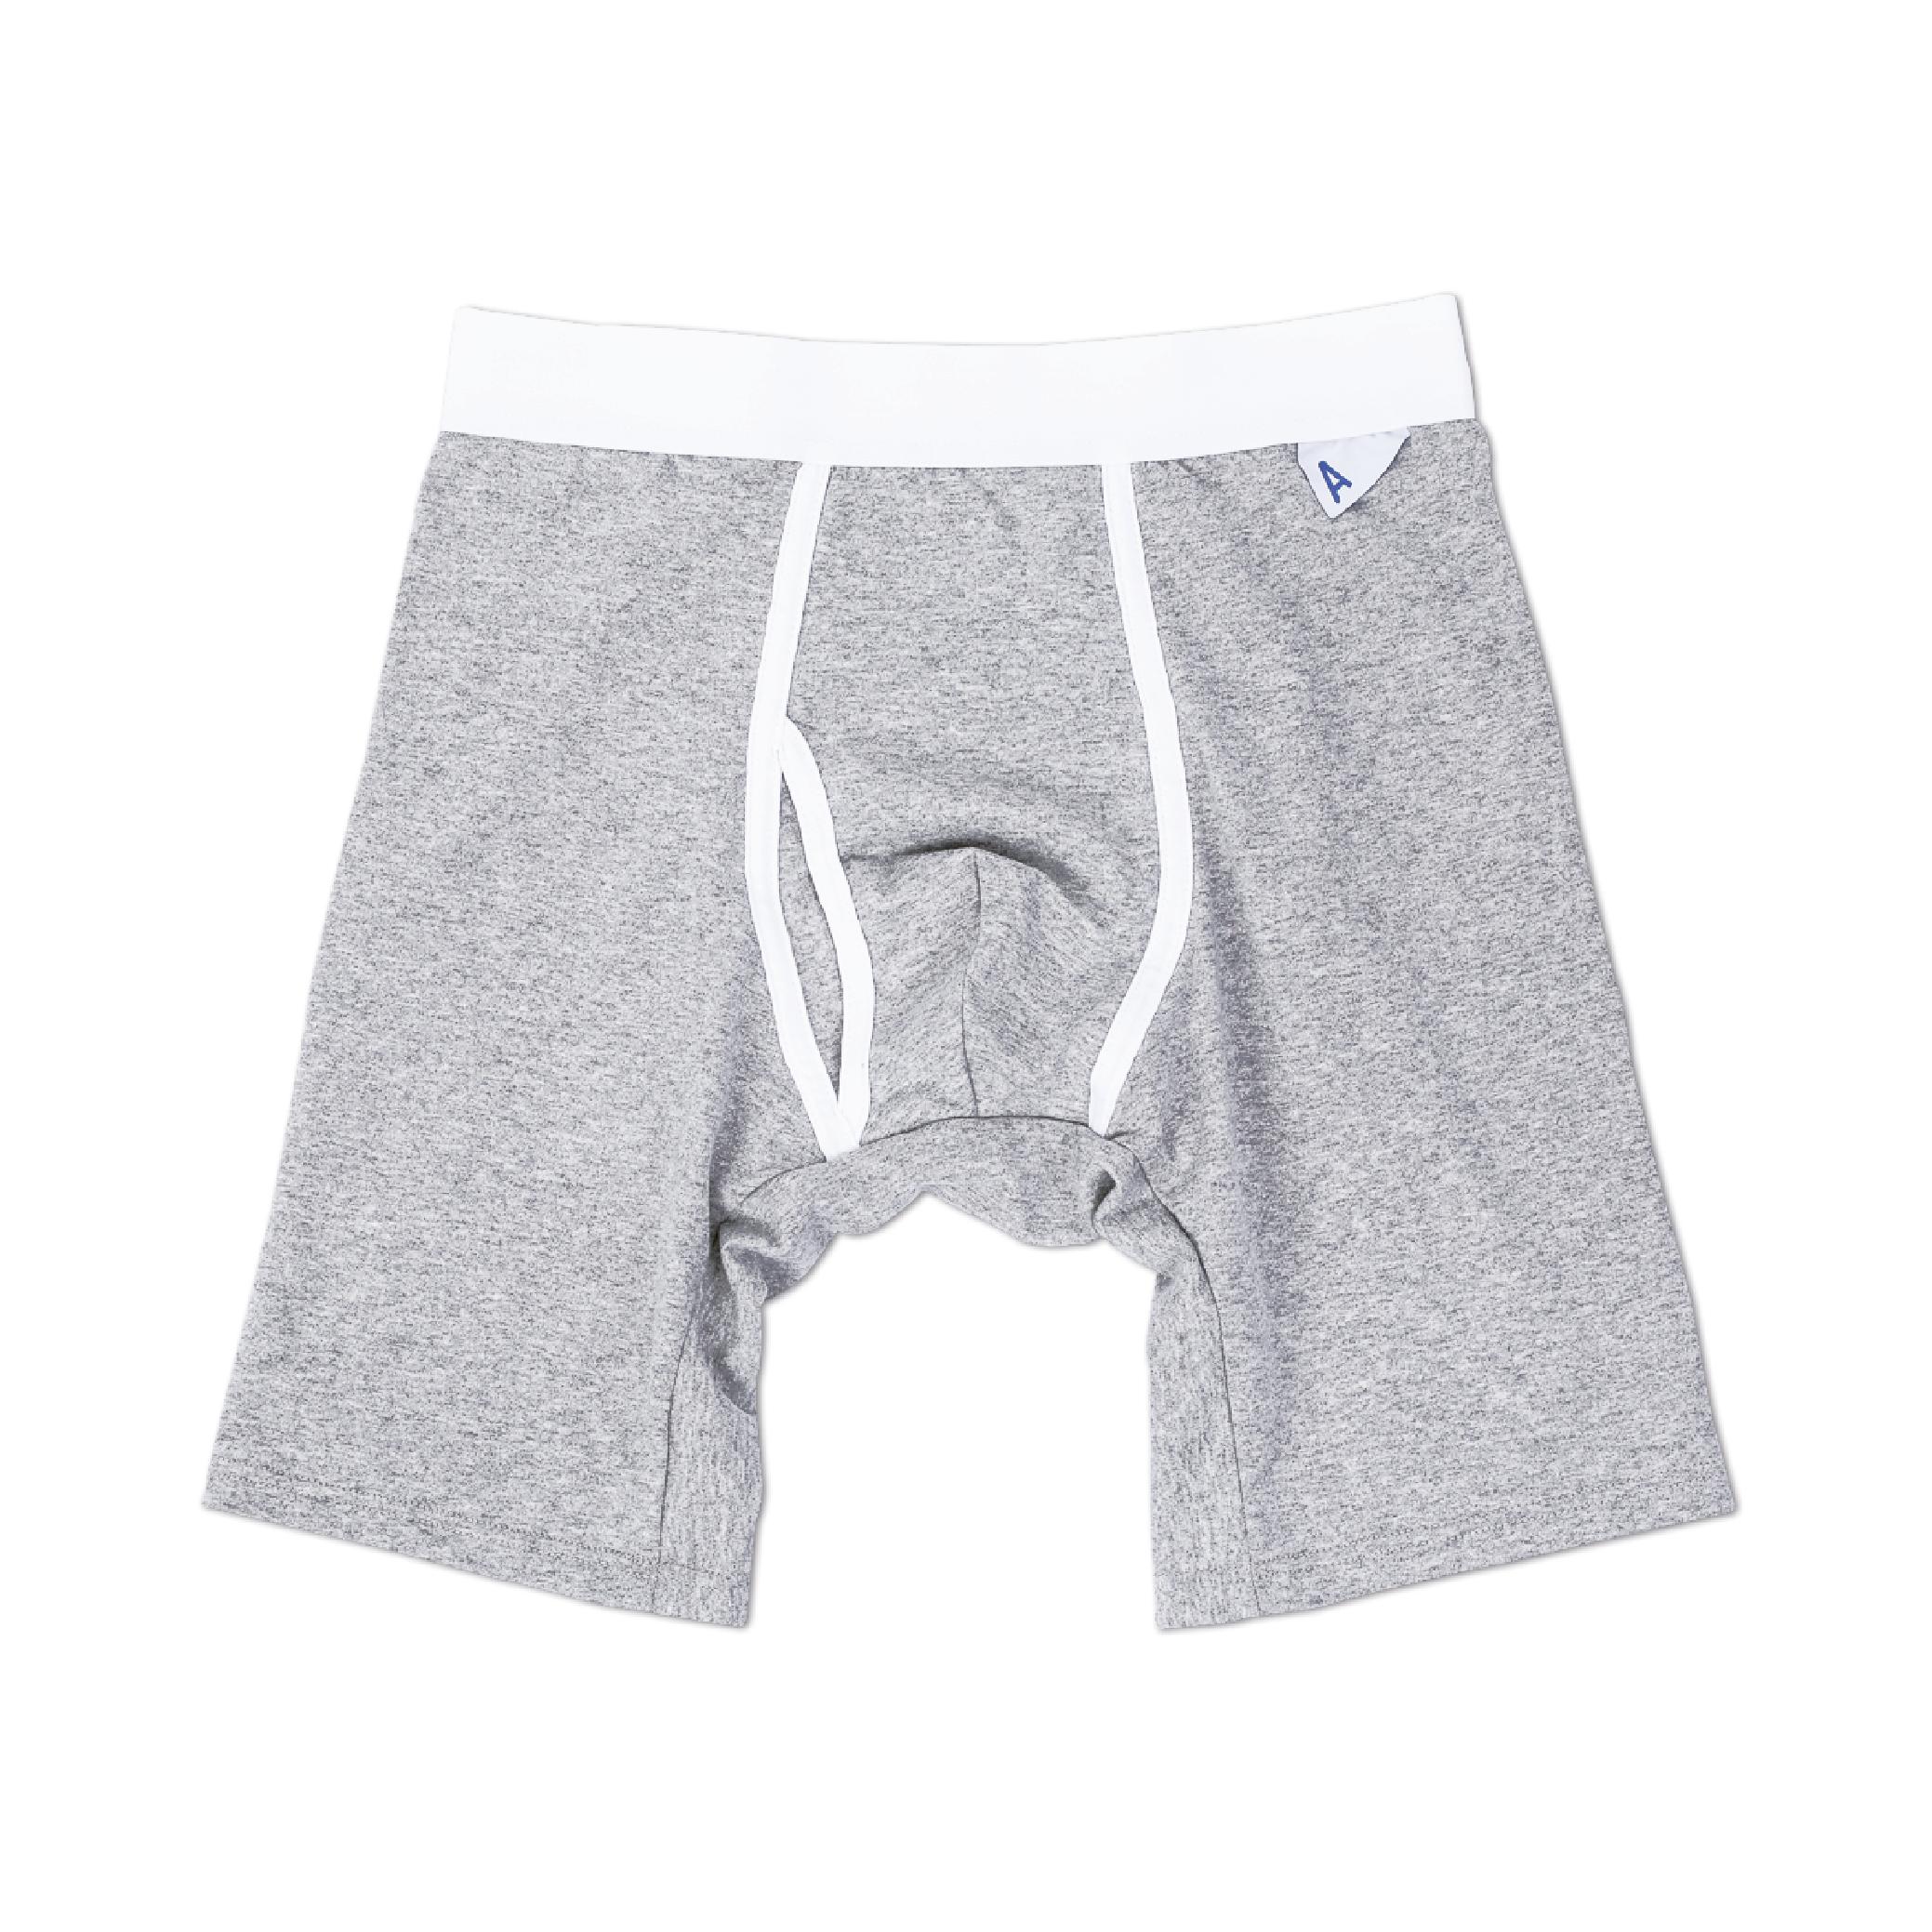 Boxer Brief Grey-01.png